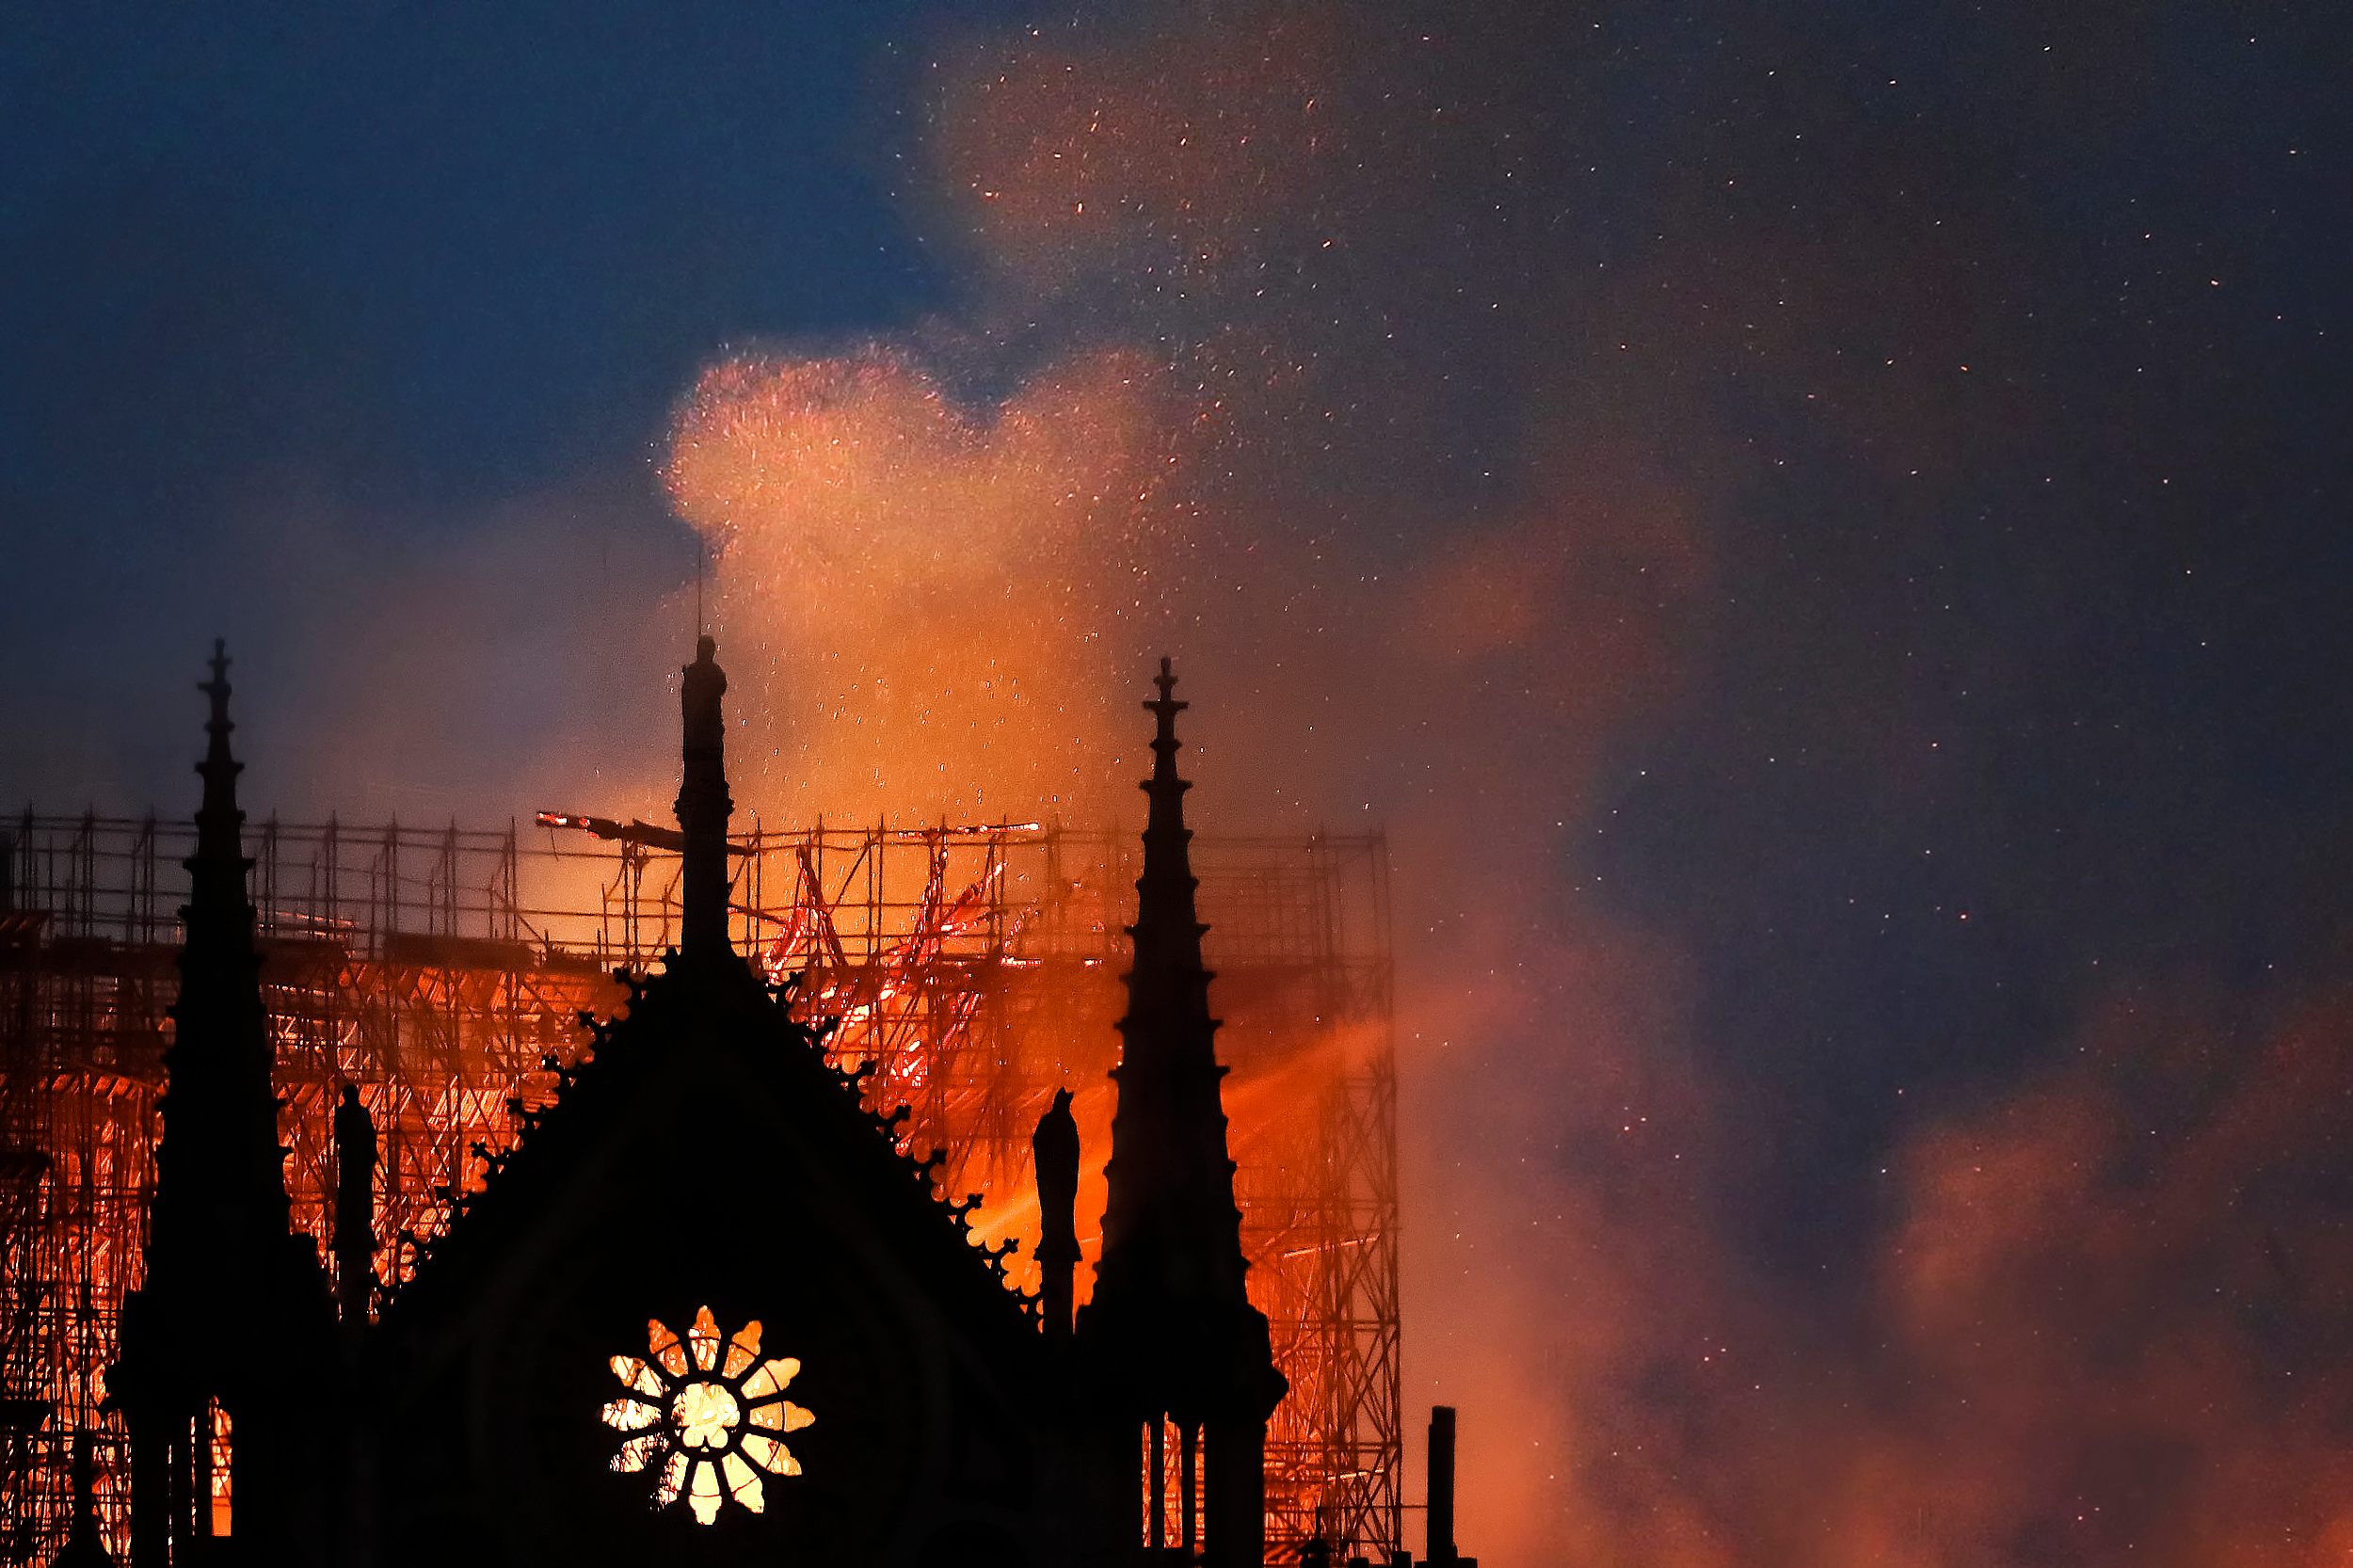 Wäre die deutsche Feuerwehr auf diesen Brand gerüstet gewesen? (c)Martina Badini/shutterstock